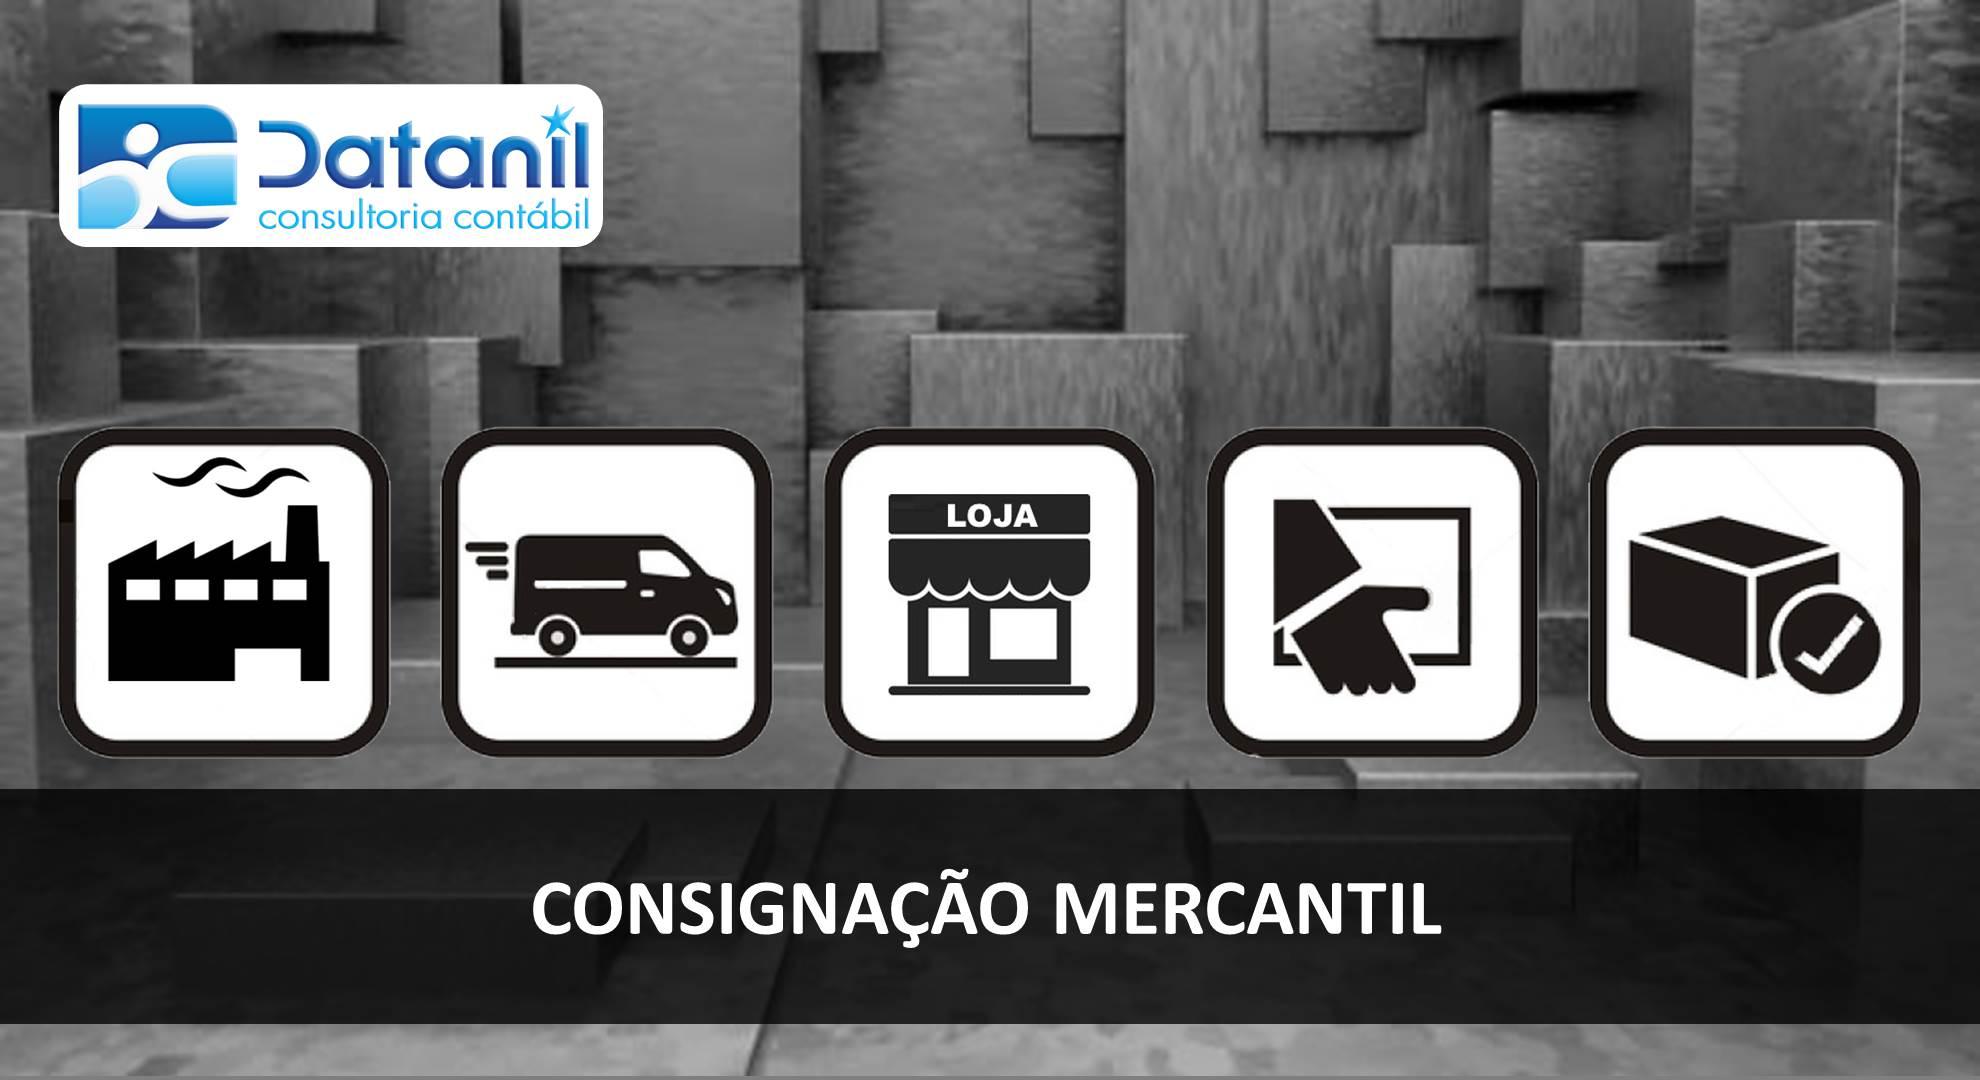 Consignação Mercantil